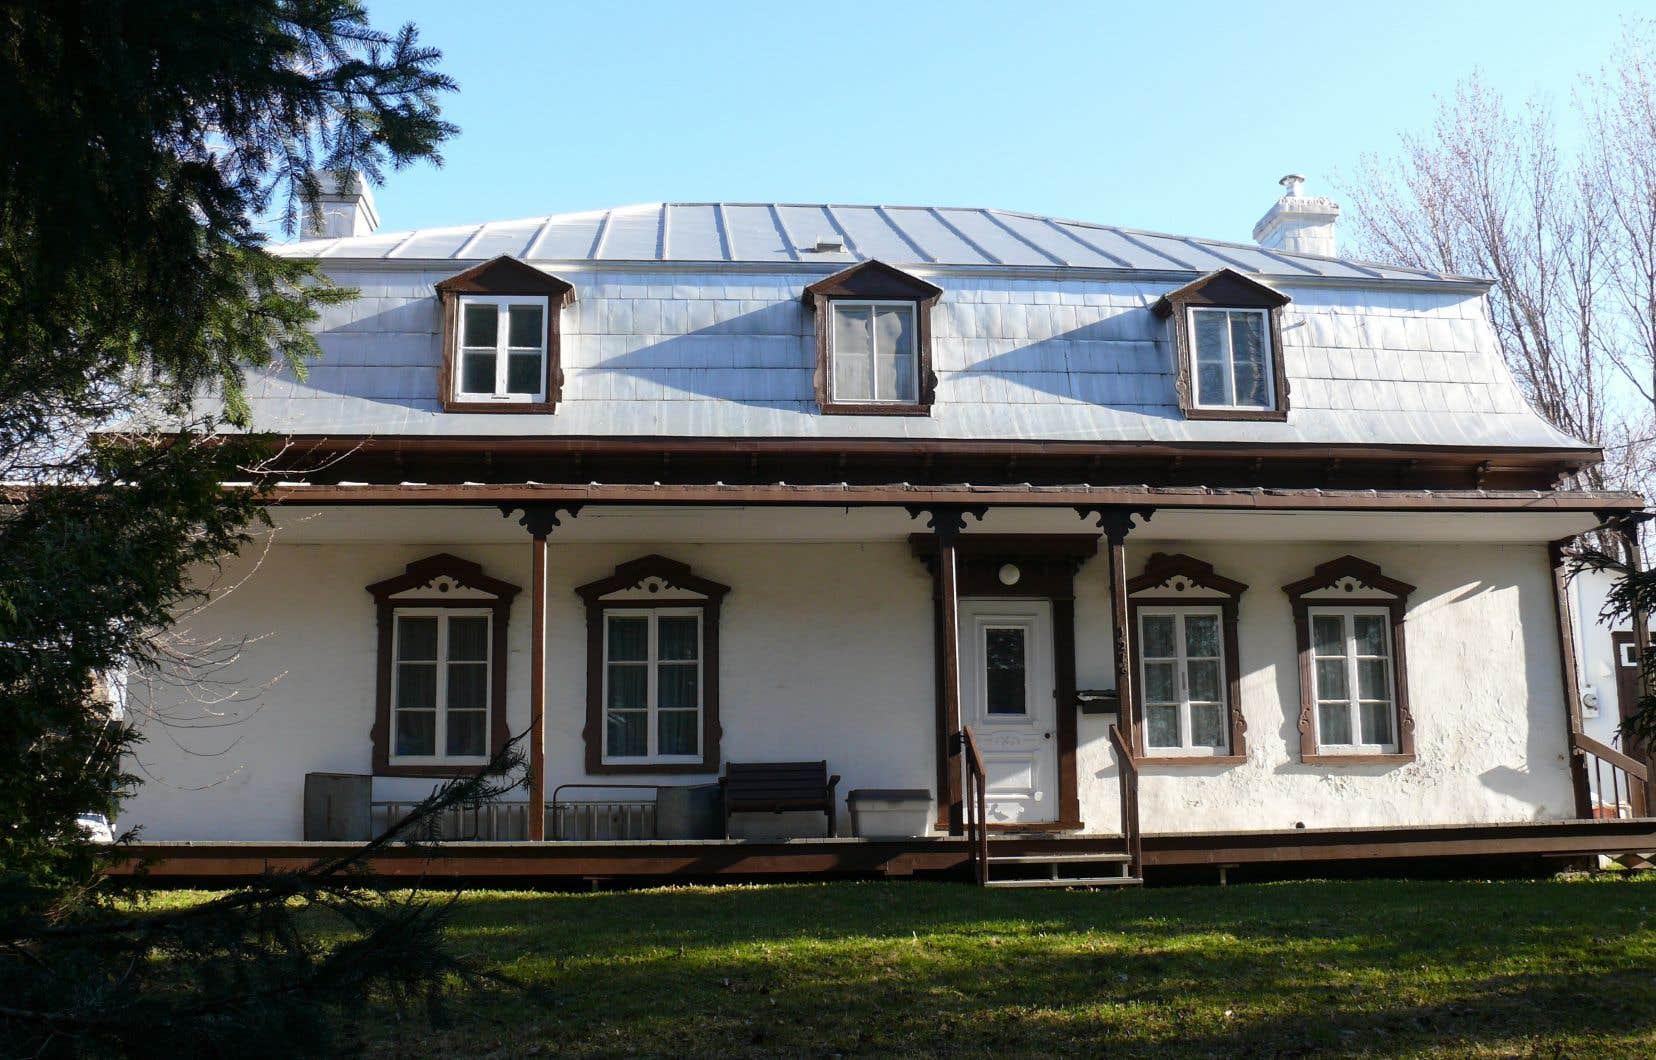 La maison Jobin-Bédard, située dans l'arrondissement de Charlesbourg à Québec, figure dans le Répertoire du patrimoine culturel du Québec.